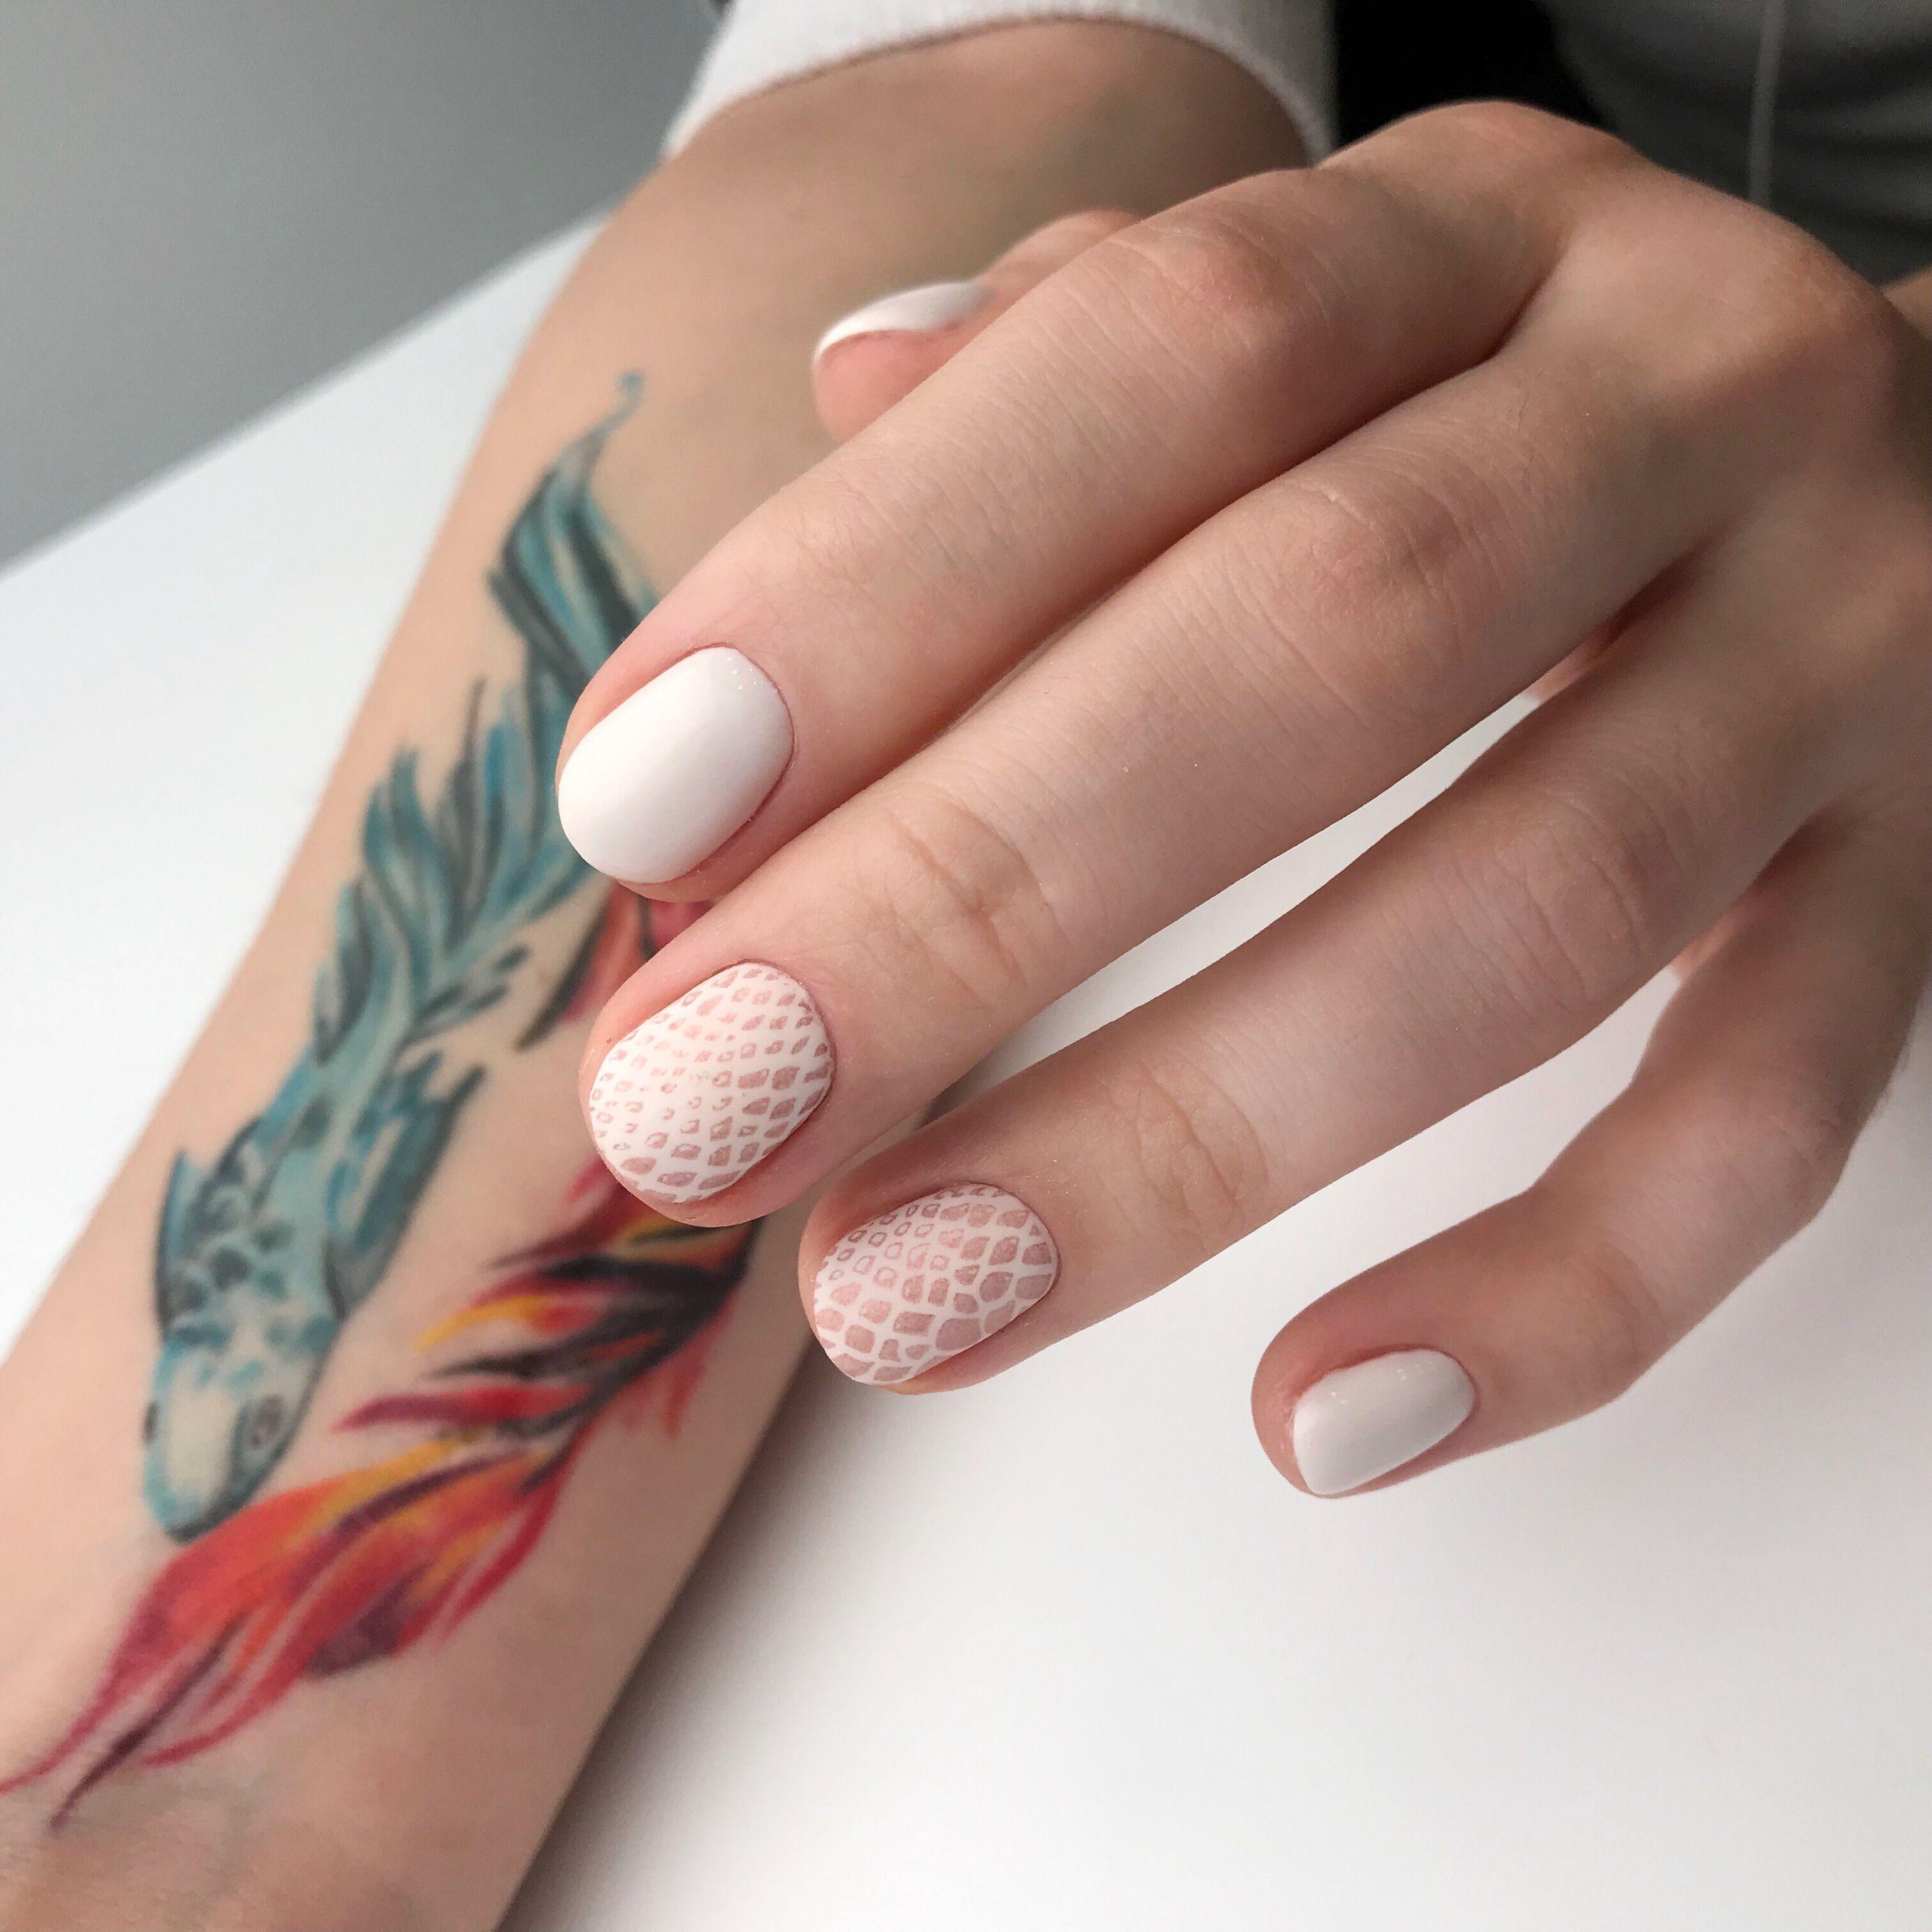 Маникюр , дизайн ногтей , стемпинг | маникюр в 25 г ...